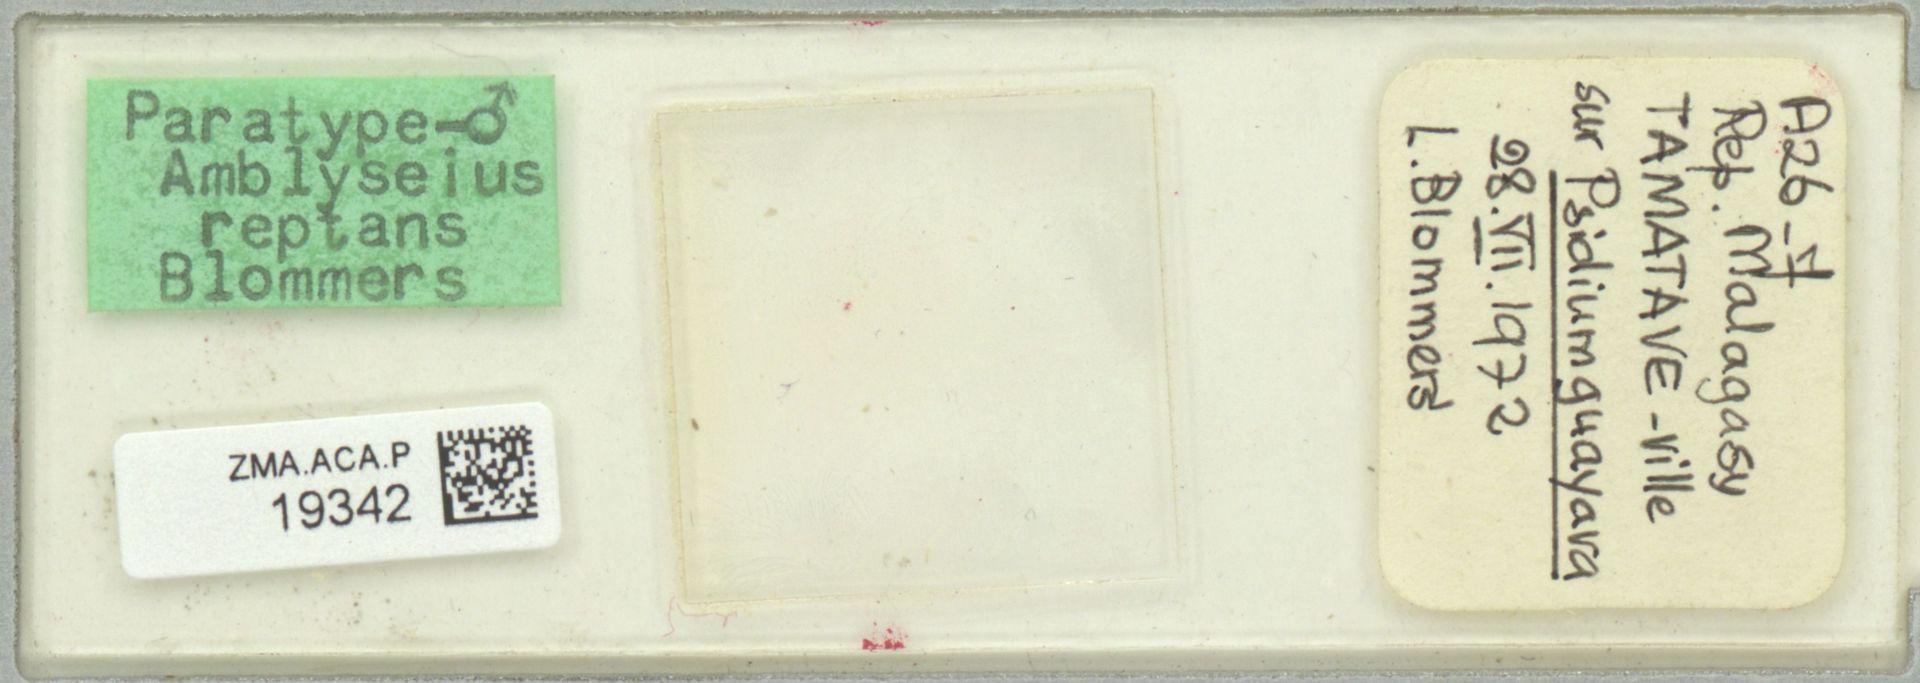 ZMA.ACA.P.19342 | Amblyseius reptans Blommers, 1974